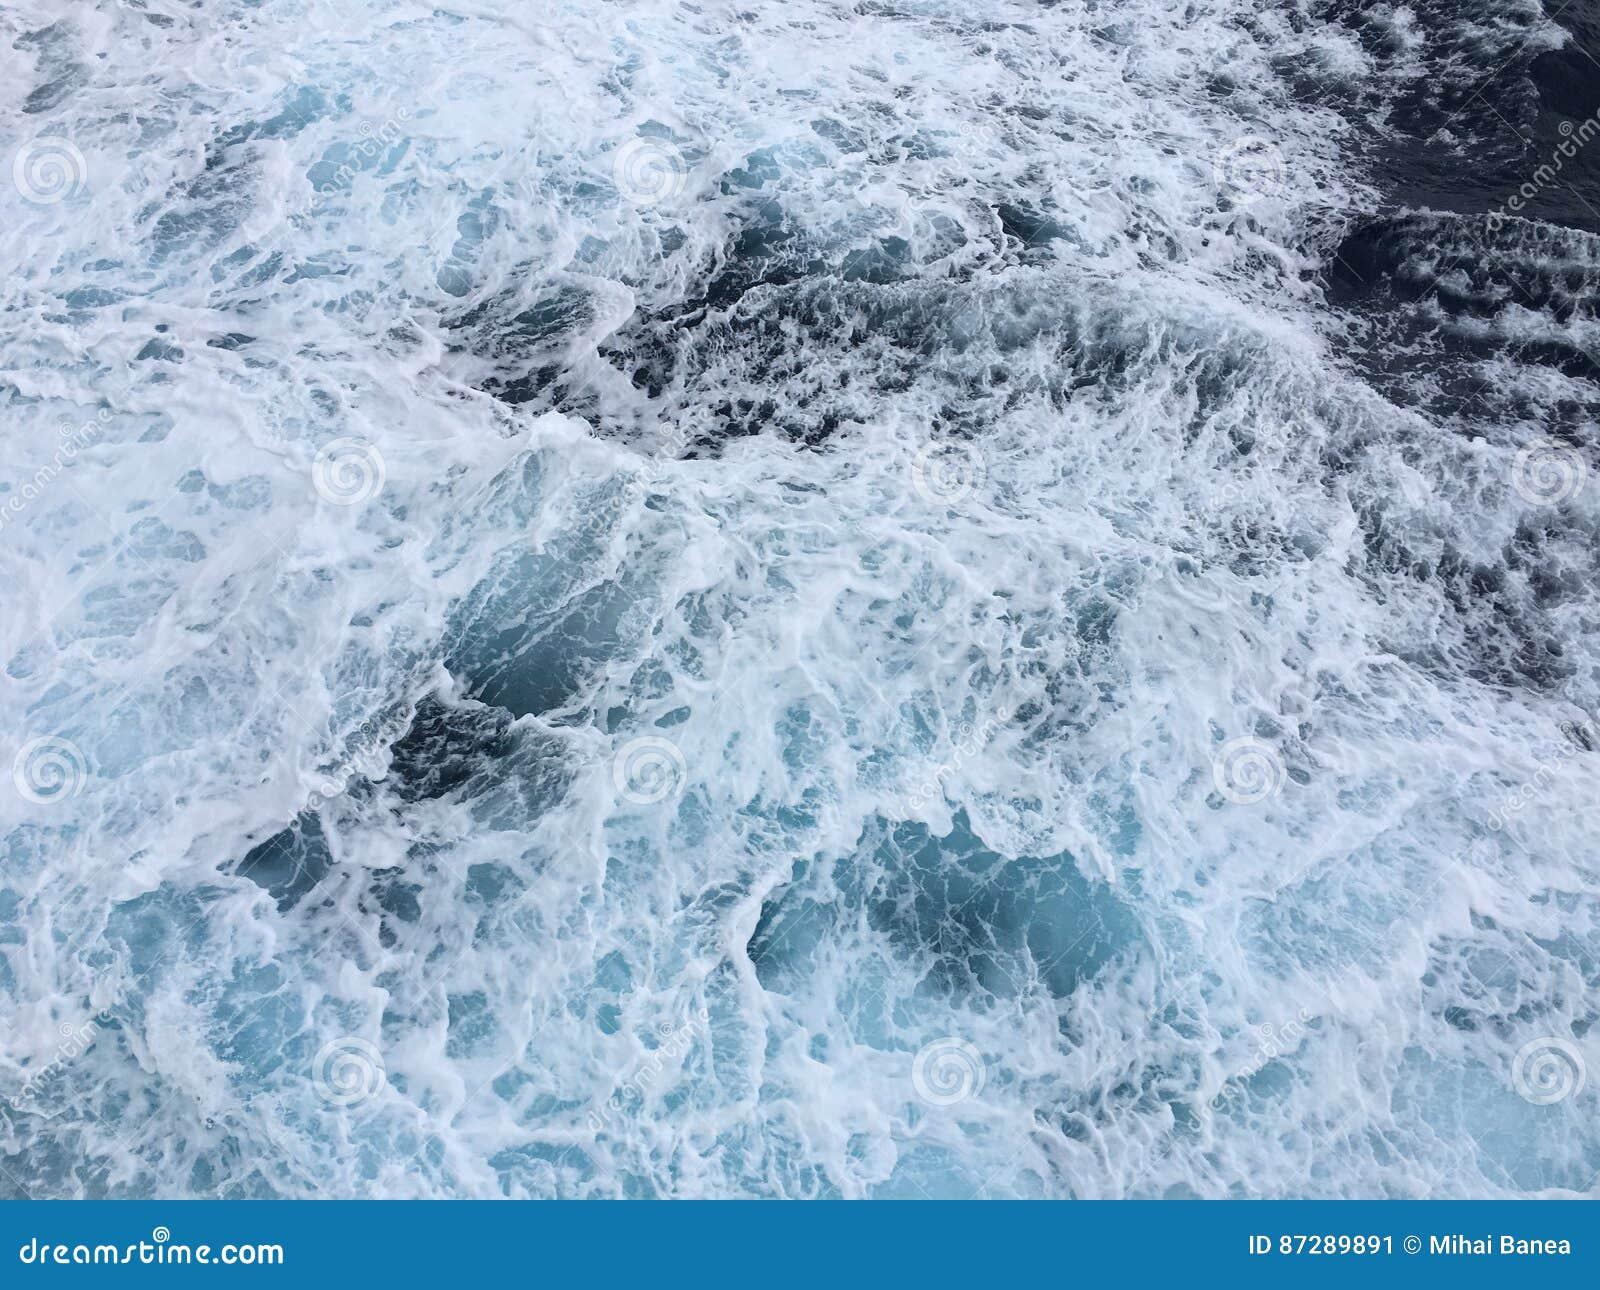 Piana na wodzie